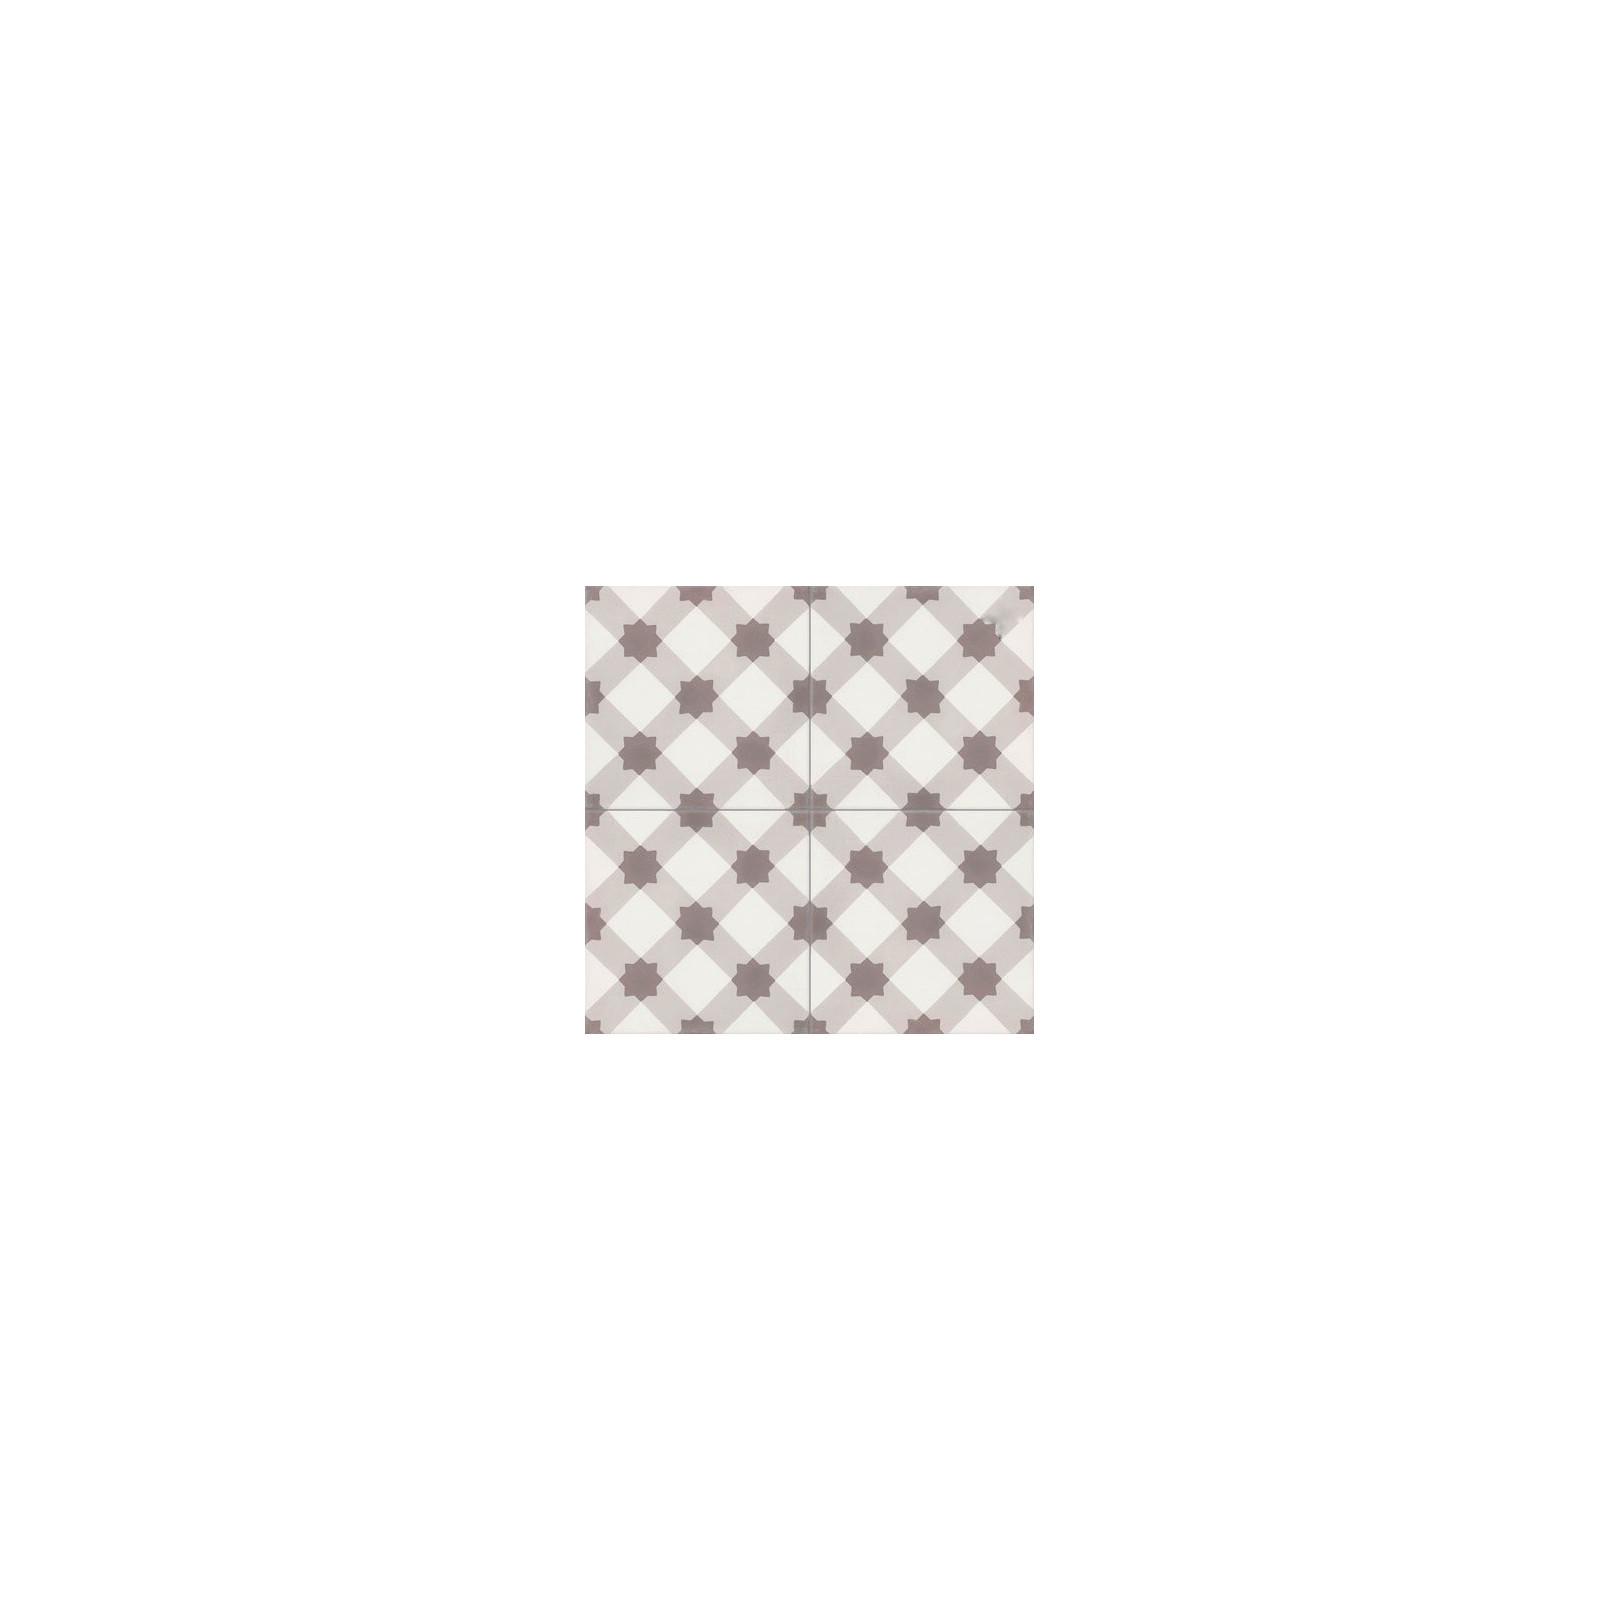 carreau de ciment color motif beige marron et blanc ourse casalux home design. Black Bedroom Furniture Sets. Home Design Ideas